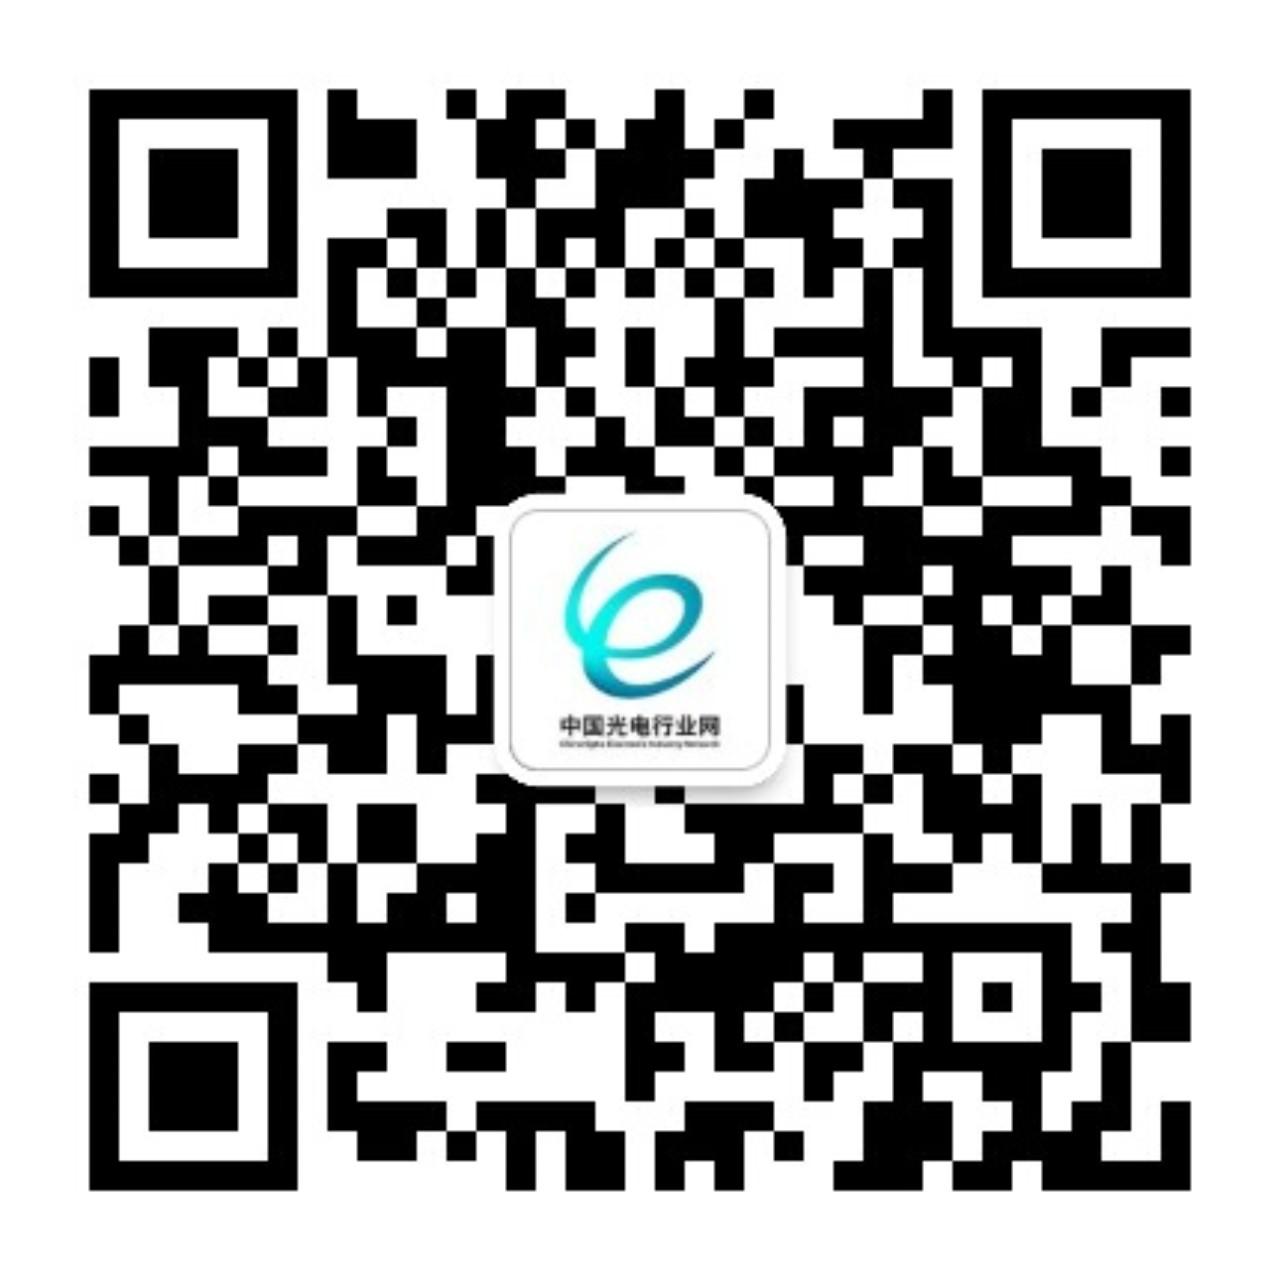 光电行业网 - 微信二维码